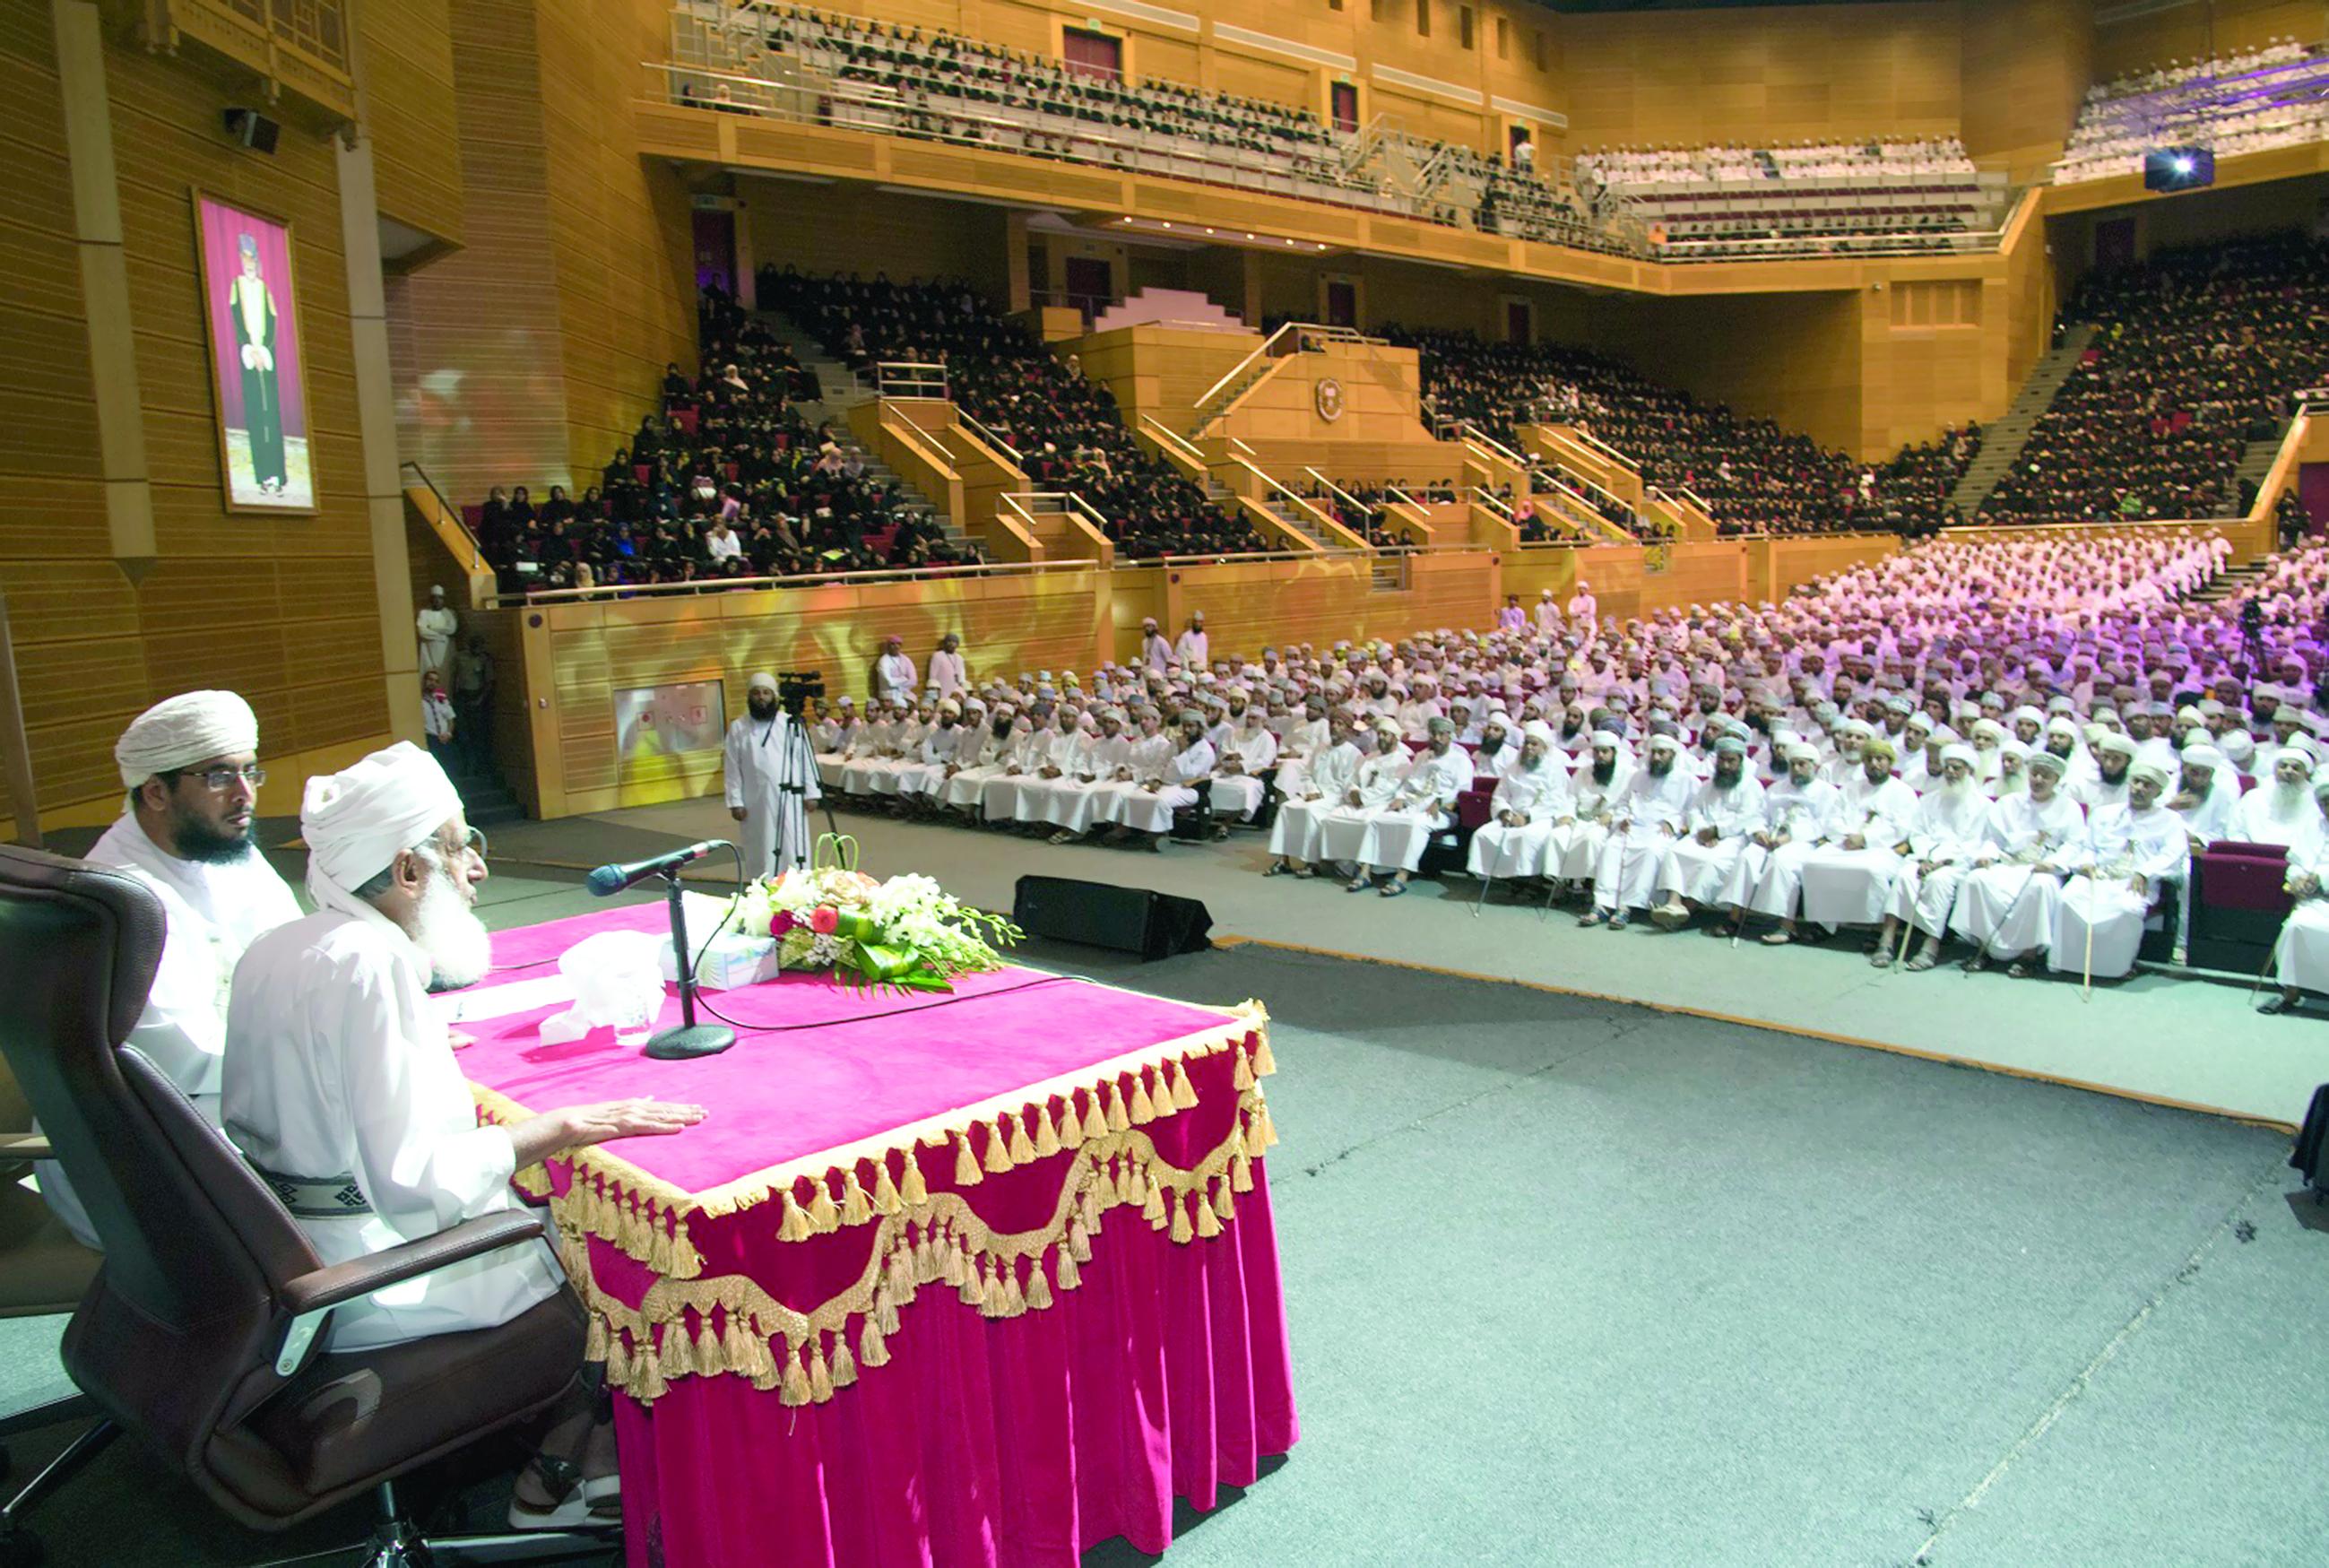 خلال محاضرة ألقاها في جامعة السلطان قابوسالمفتي: الاستبصار بالقرآن الكريم علاج لـ «الإلحاد»